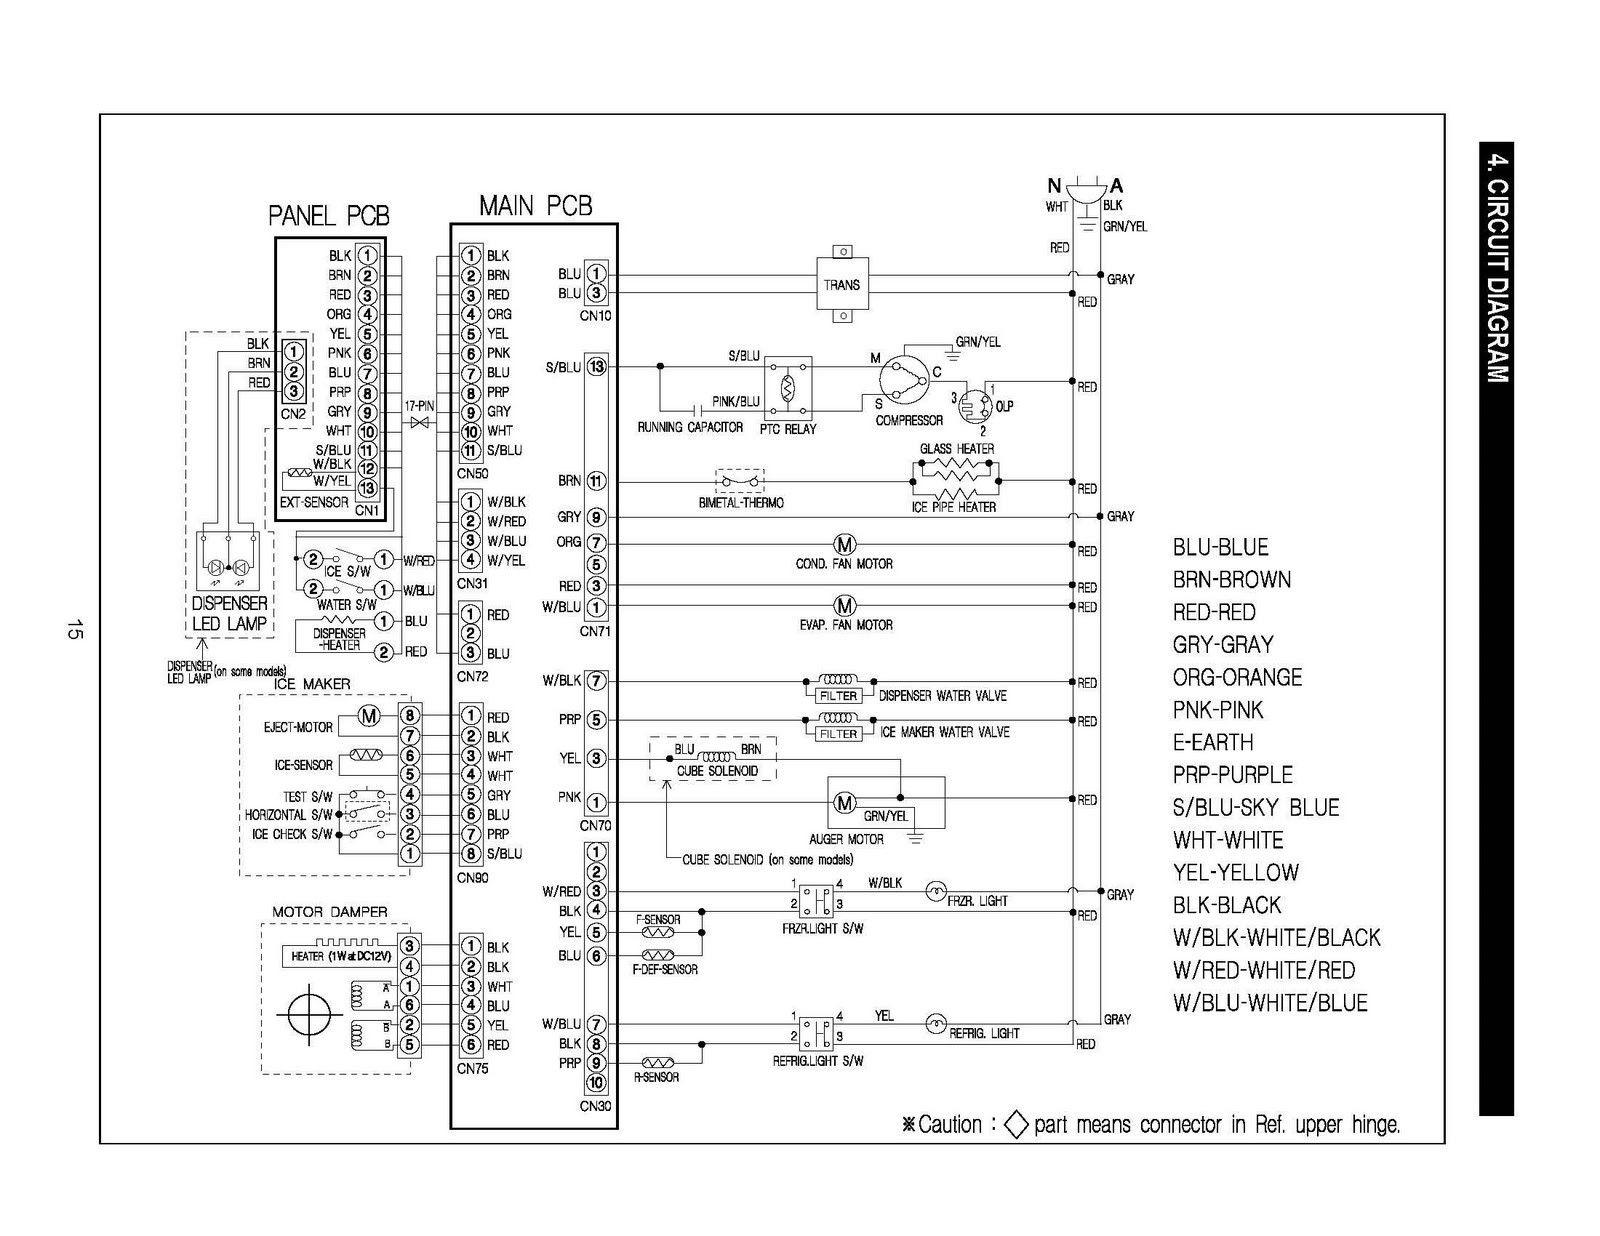 Ge Refrigerator Wiring Diagram Best Of Ge Monogram Wiring Diagram - Ge Refrigerator Wiring Diagram